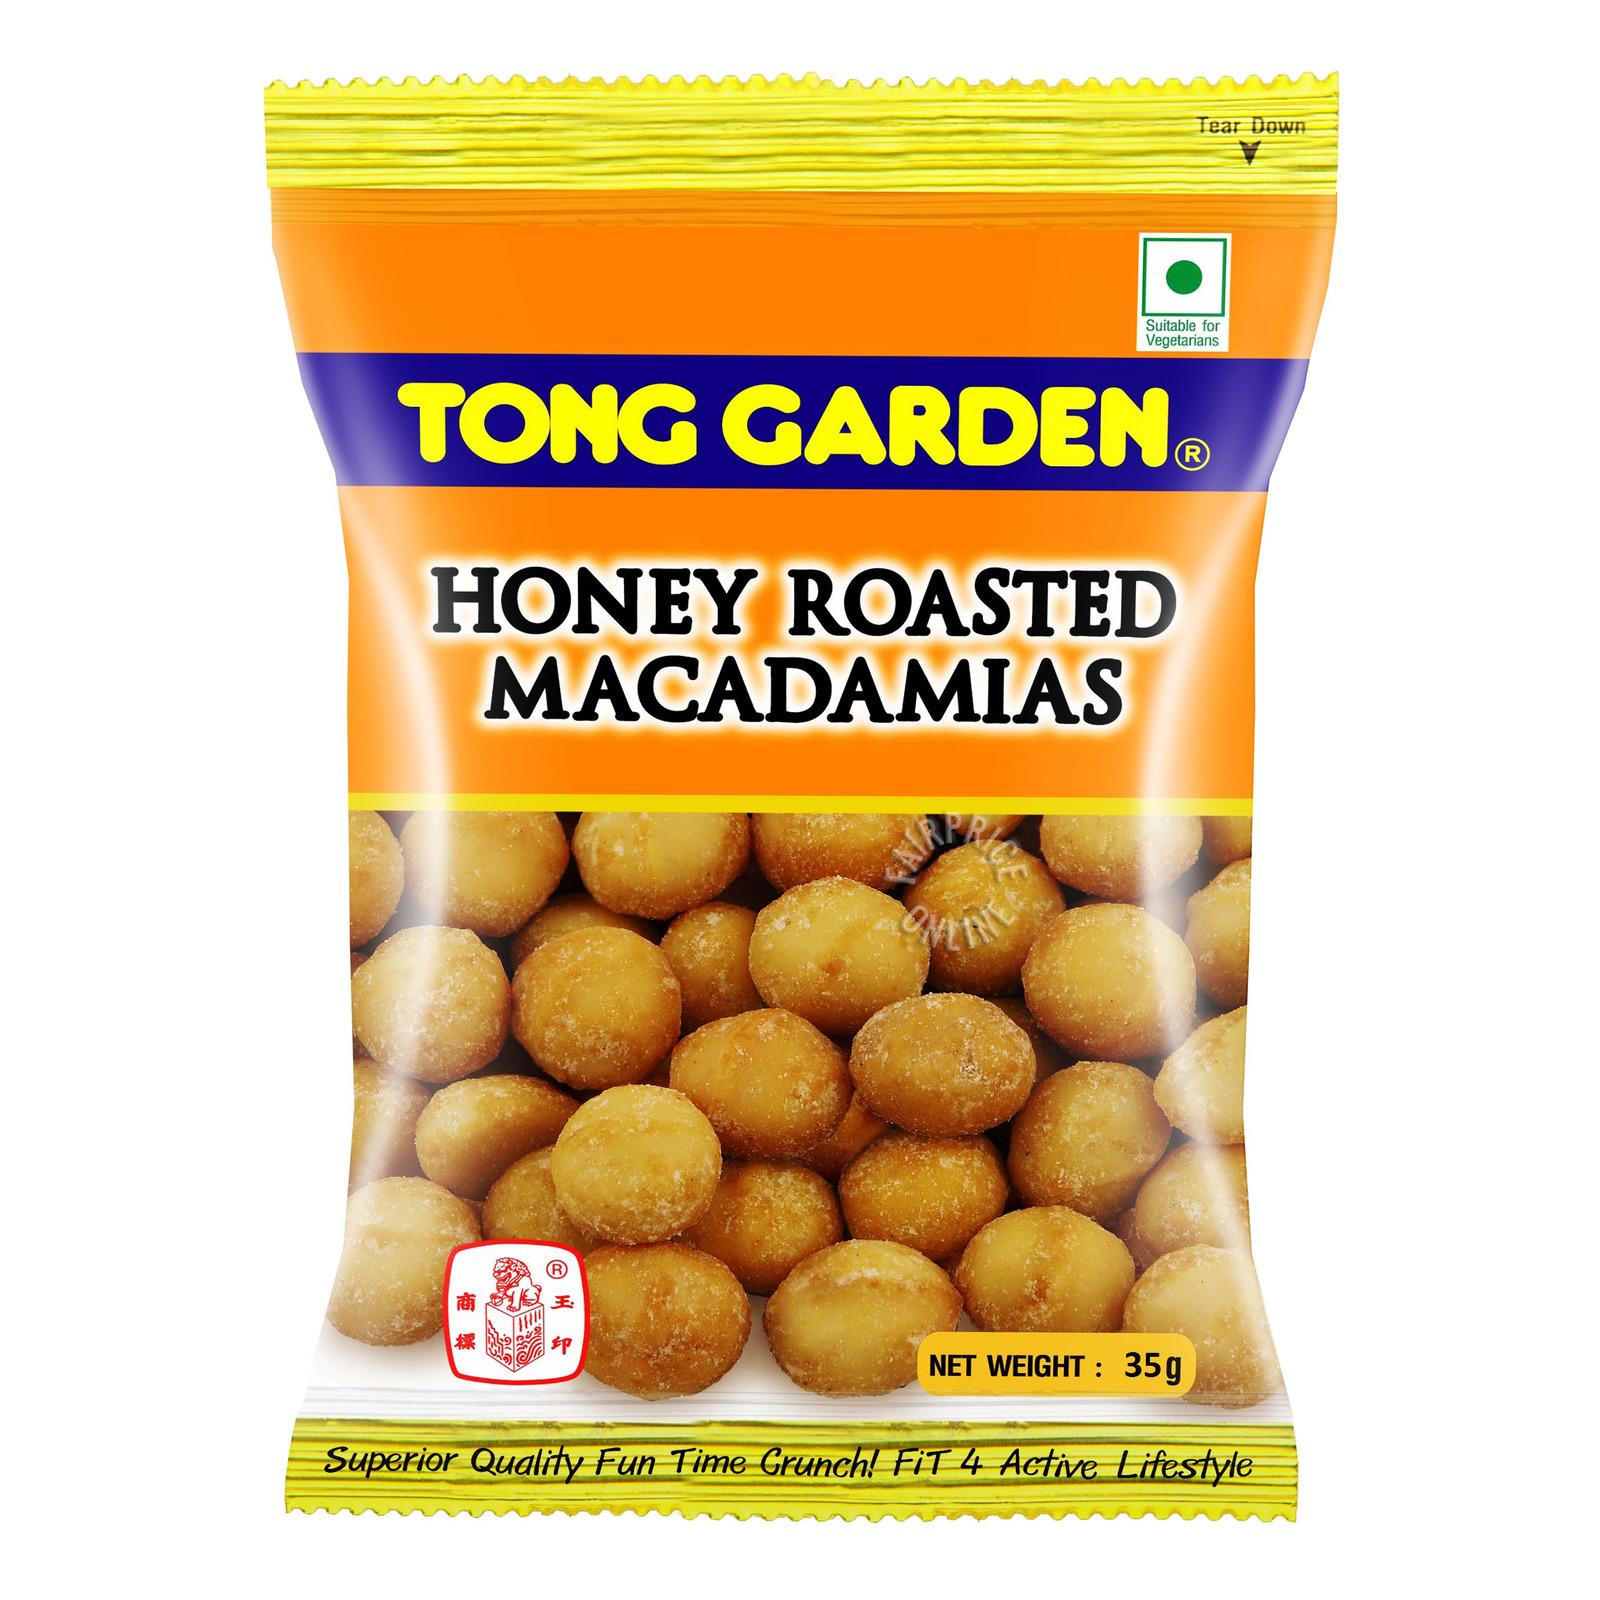 Tong Garden Honey Roasted Macadamias